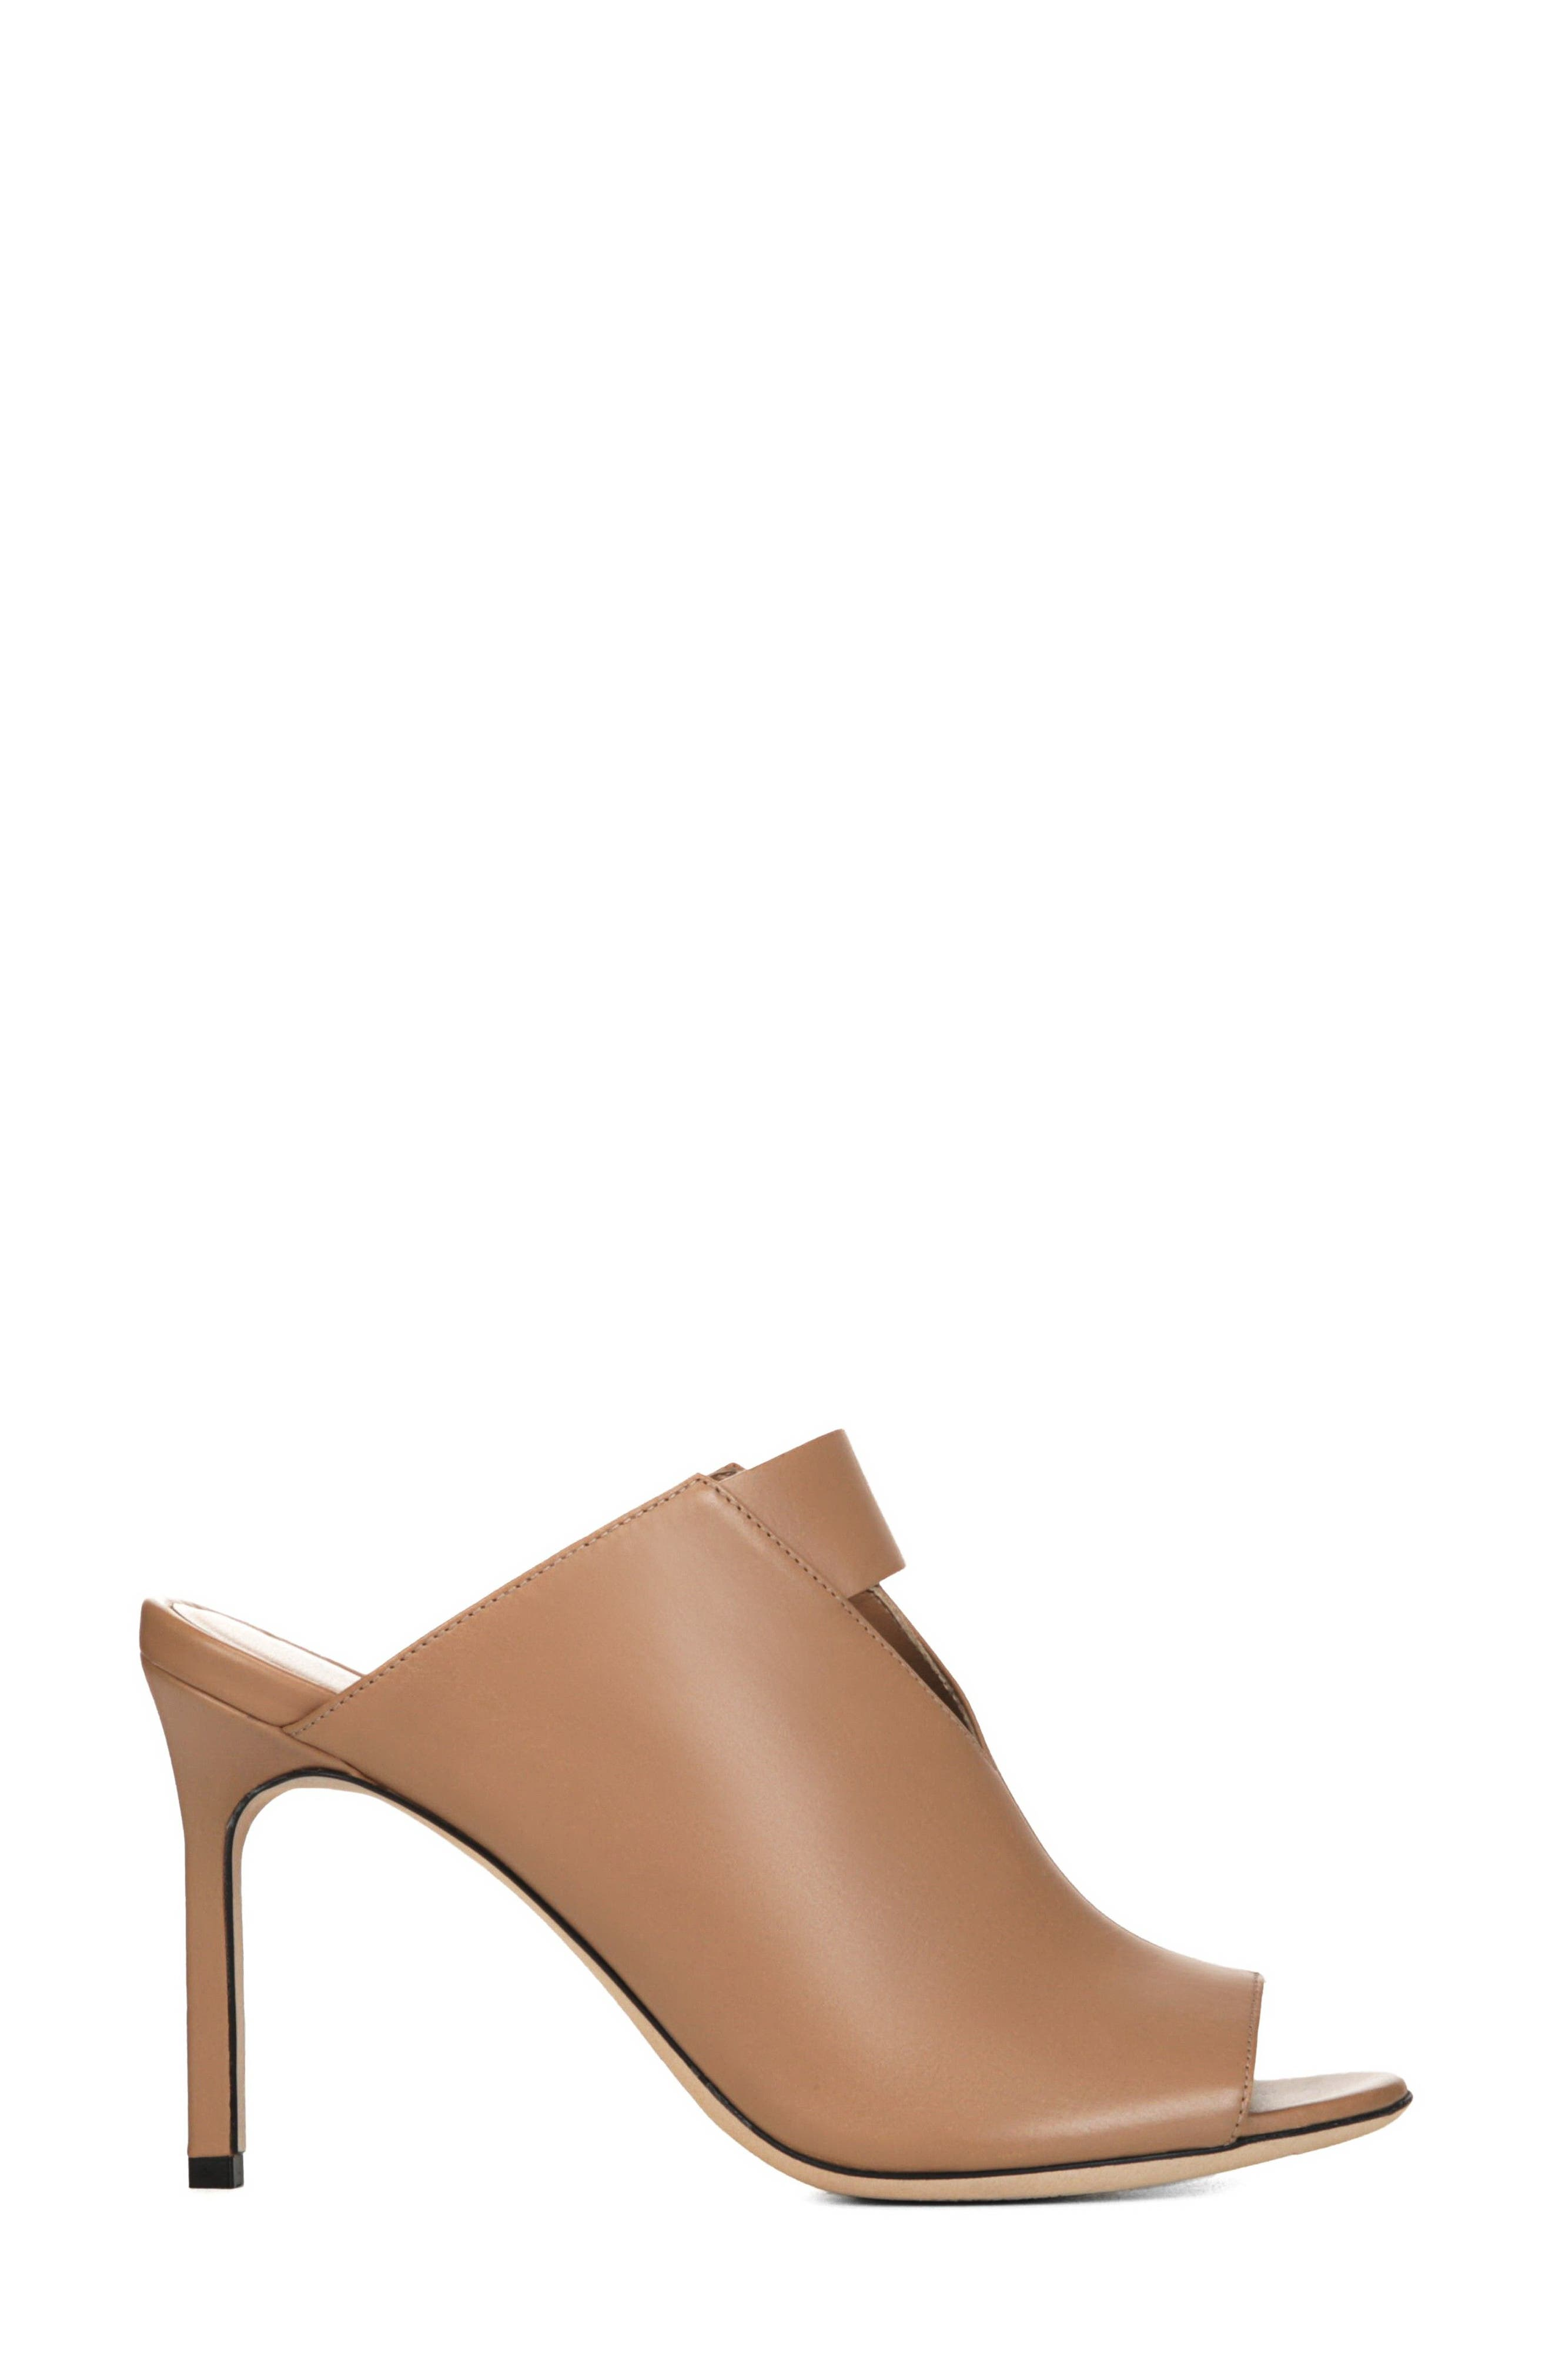 Mira Sandal,                             Alternate thumbnail 3, color,                             Desert Leather